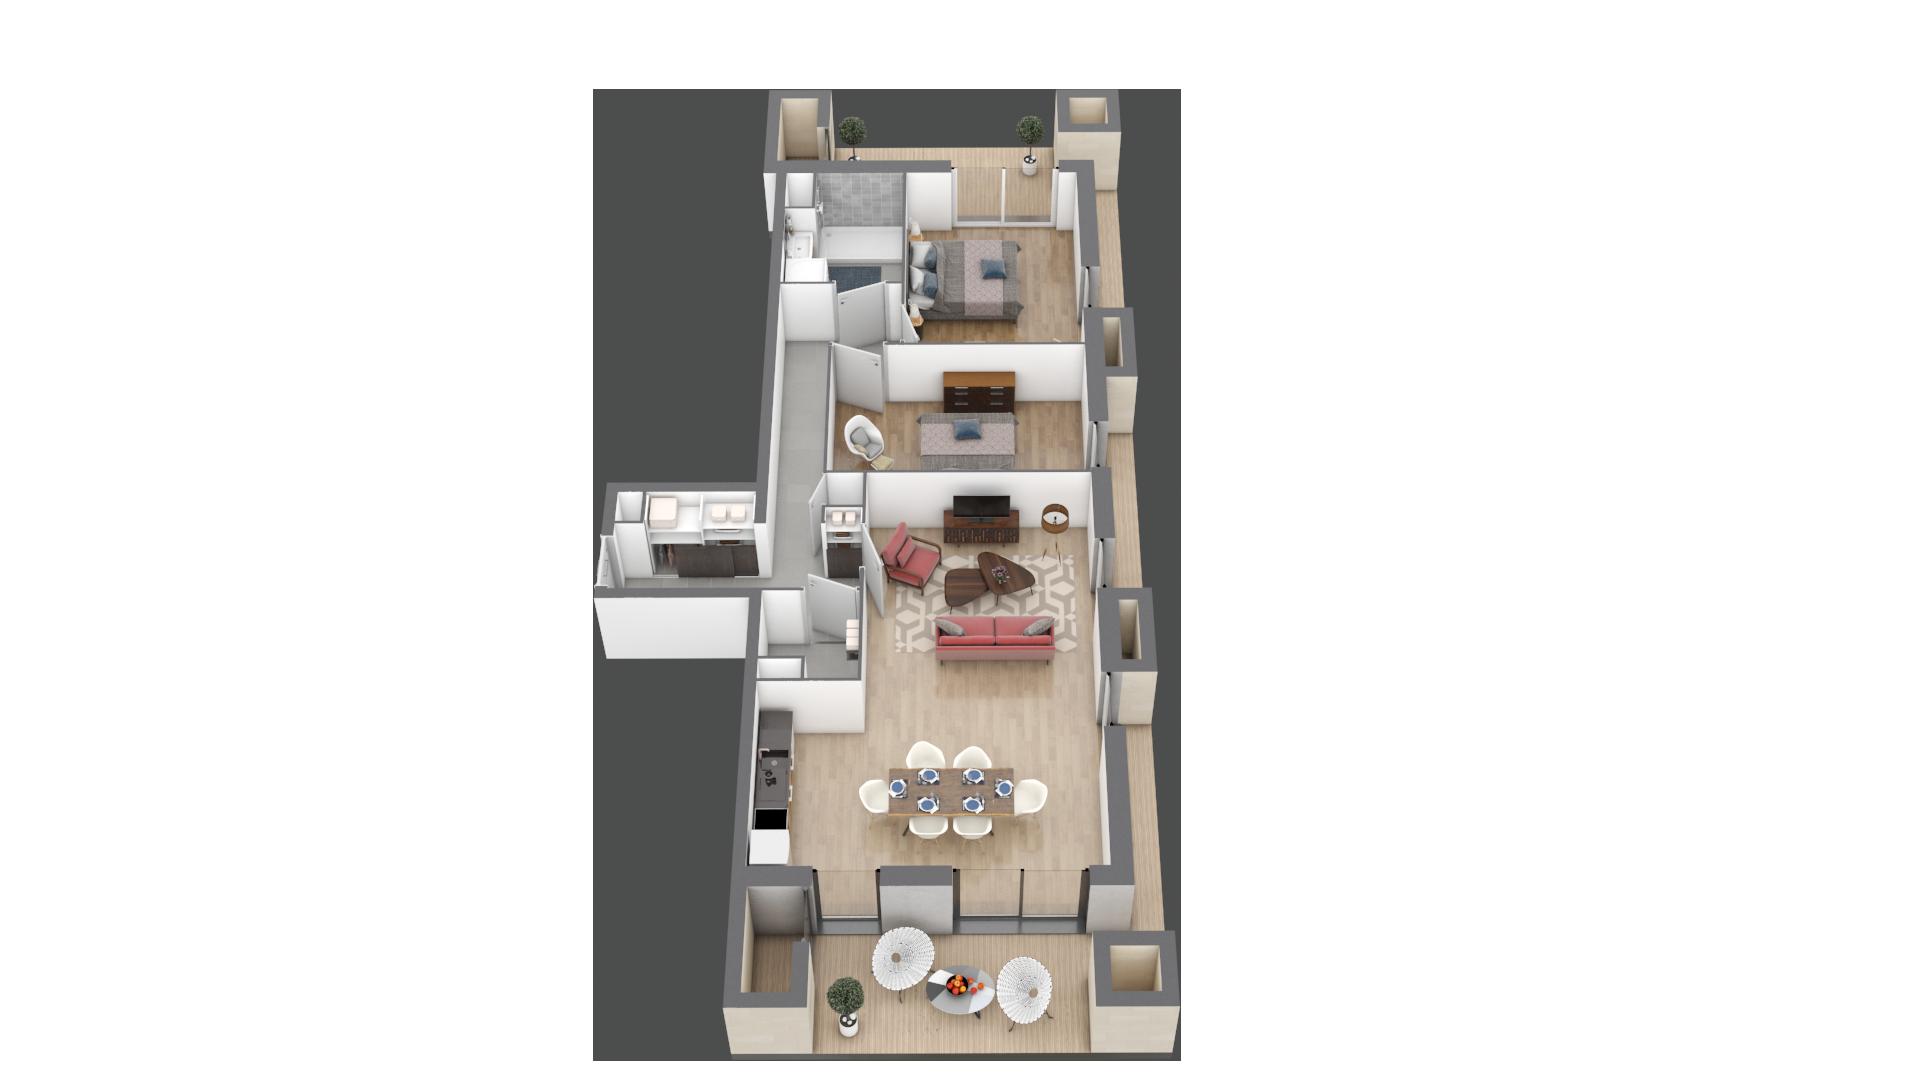 appartement A006 de type T3